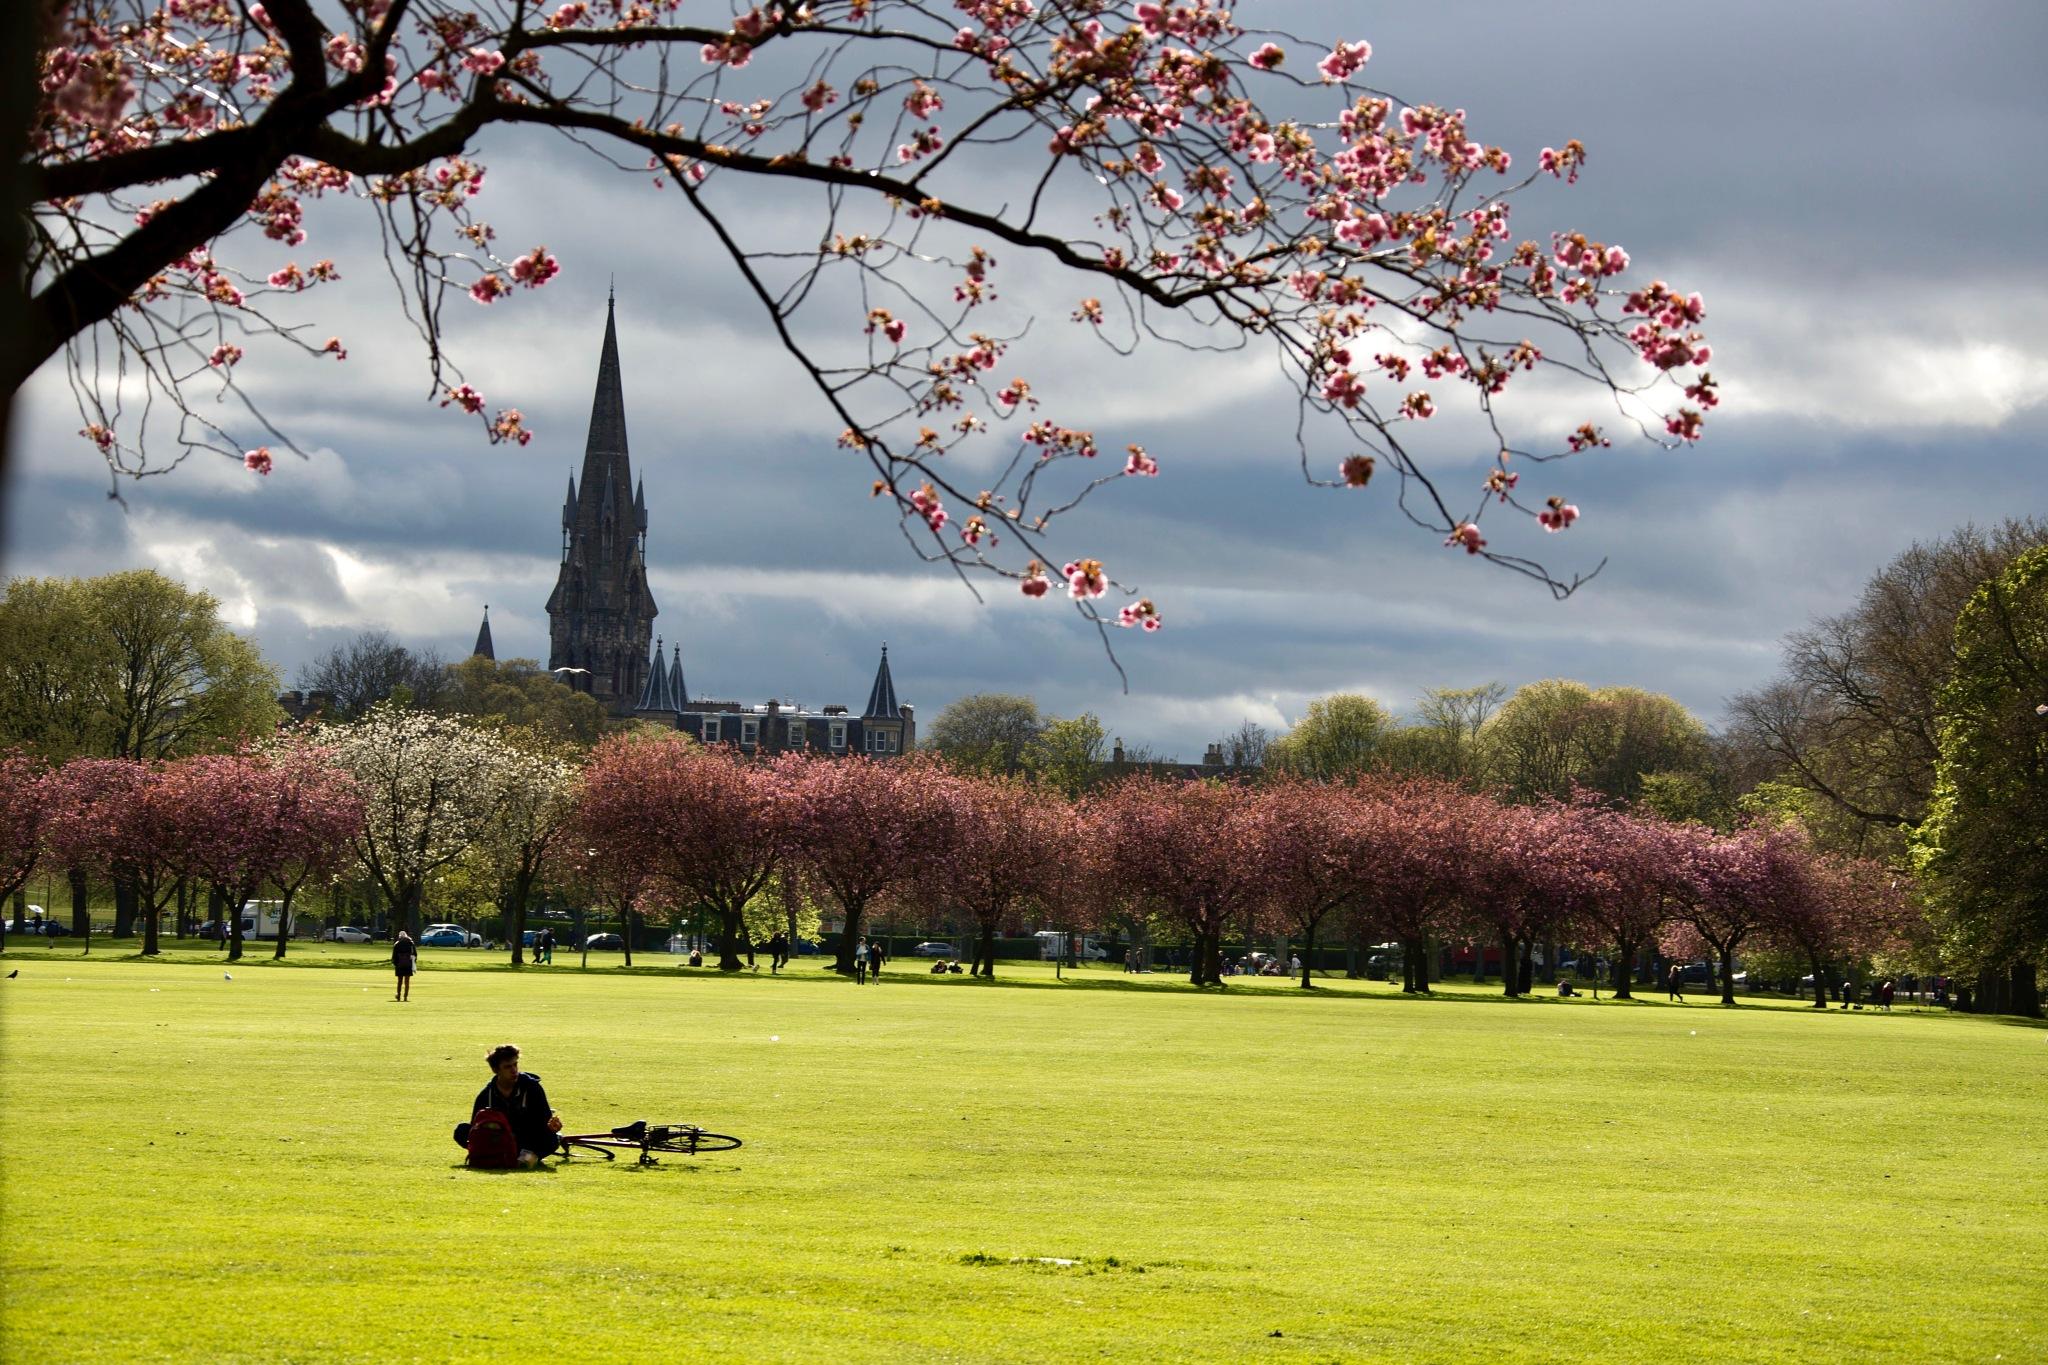 Spring days in the Meadows by Francisco Sá da Bandeira